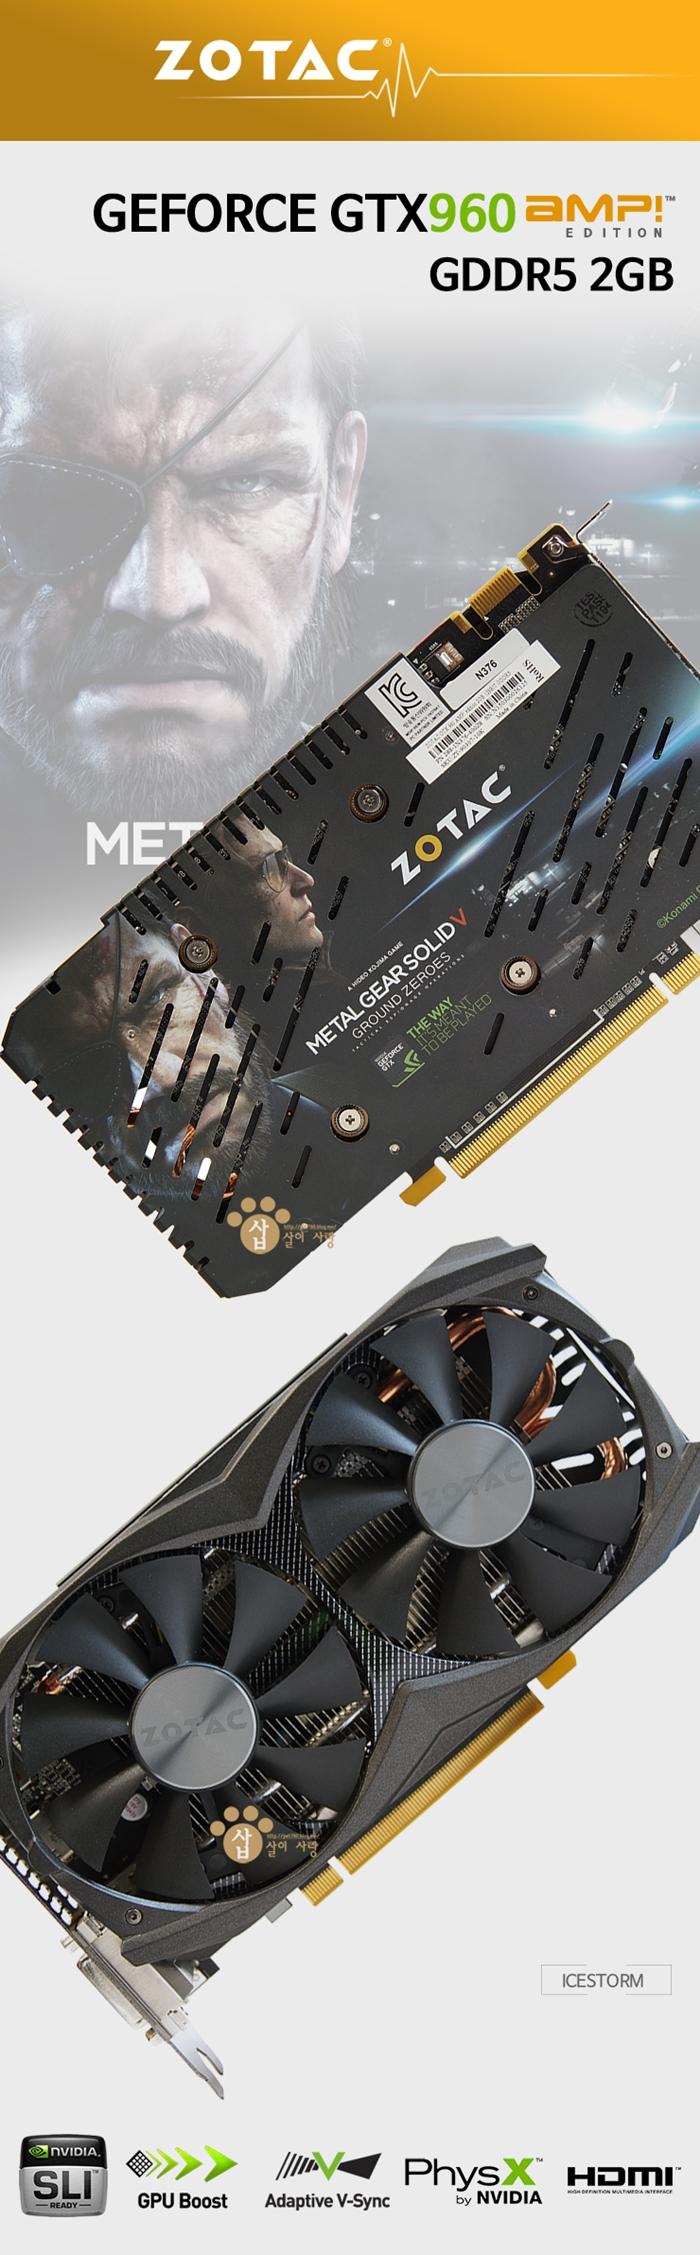 GTX960총평 조텍 지포스 GTX960 AMP! 아이스스톰 D5 2GB.jpg